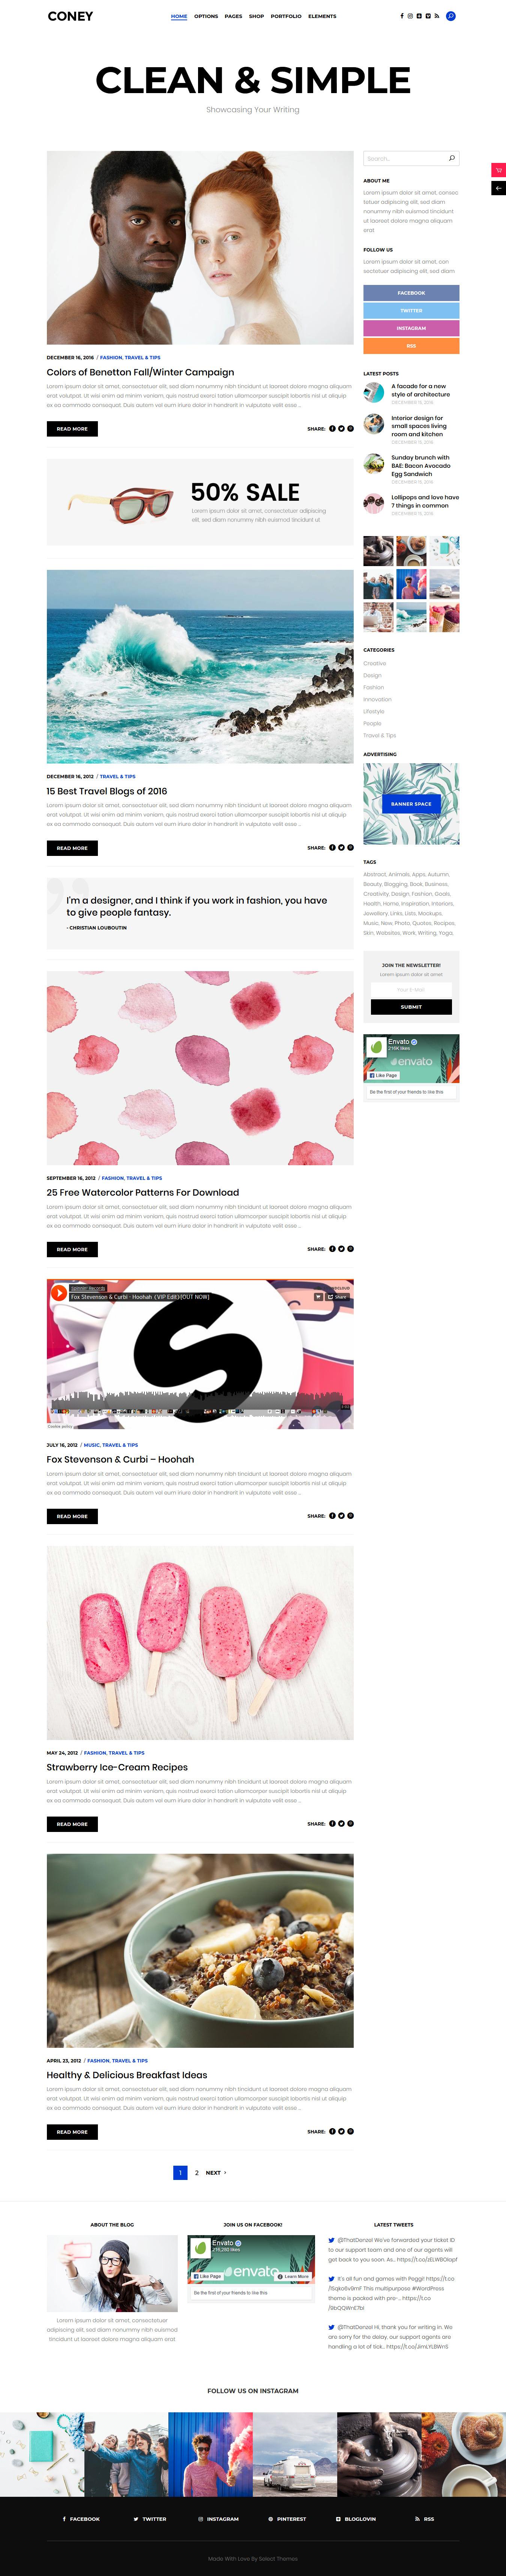 coney best premium multilingual wordpress theme - 10+ Best Premium Multilingual WordPress Themes